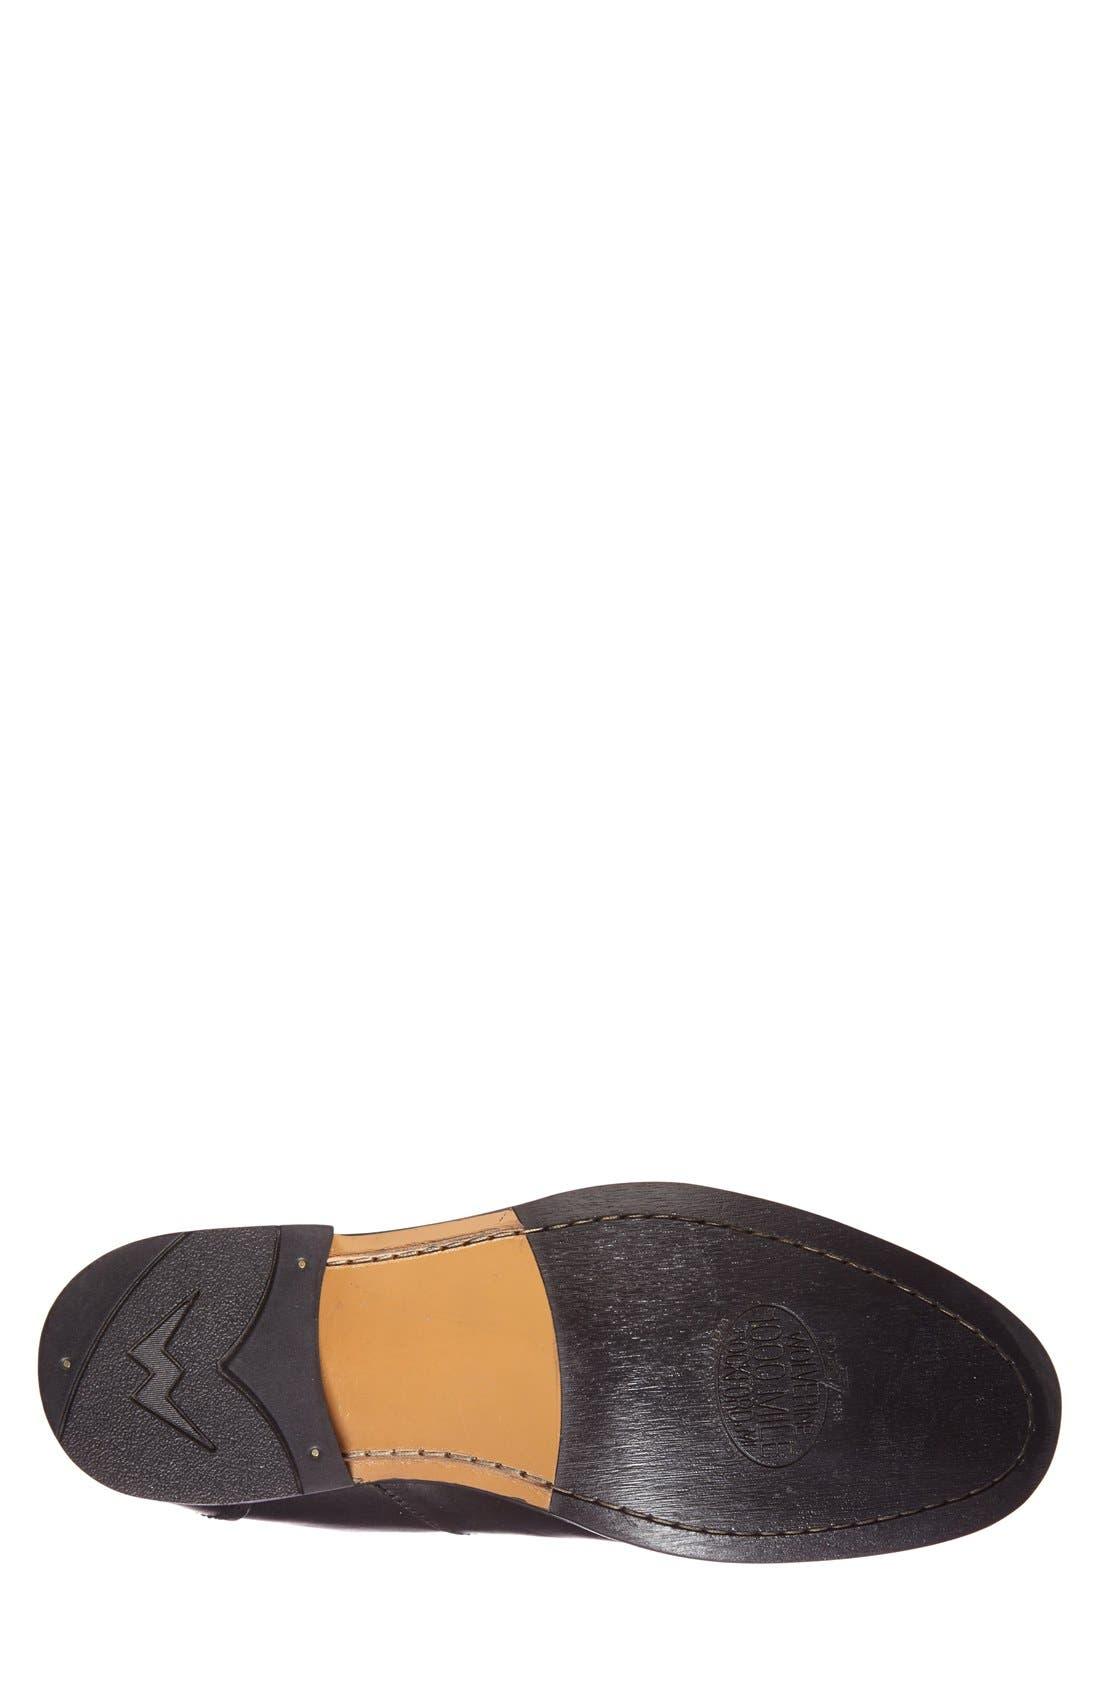 Montague Chelsea Boot,                             Alternate thumbnail 8, color,